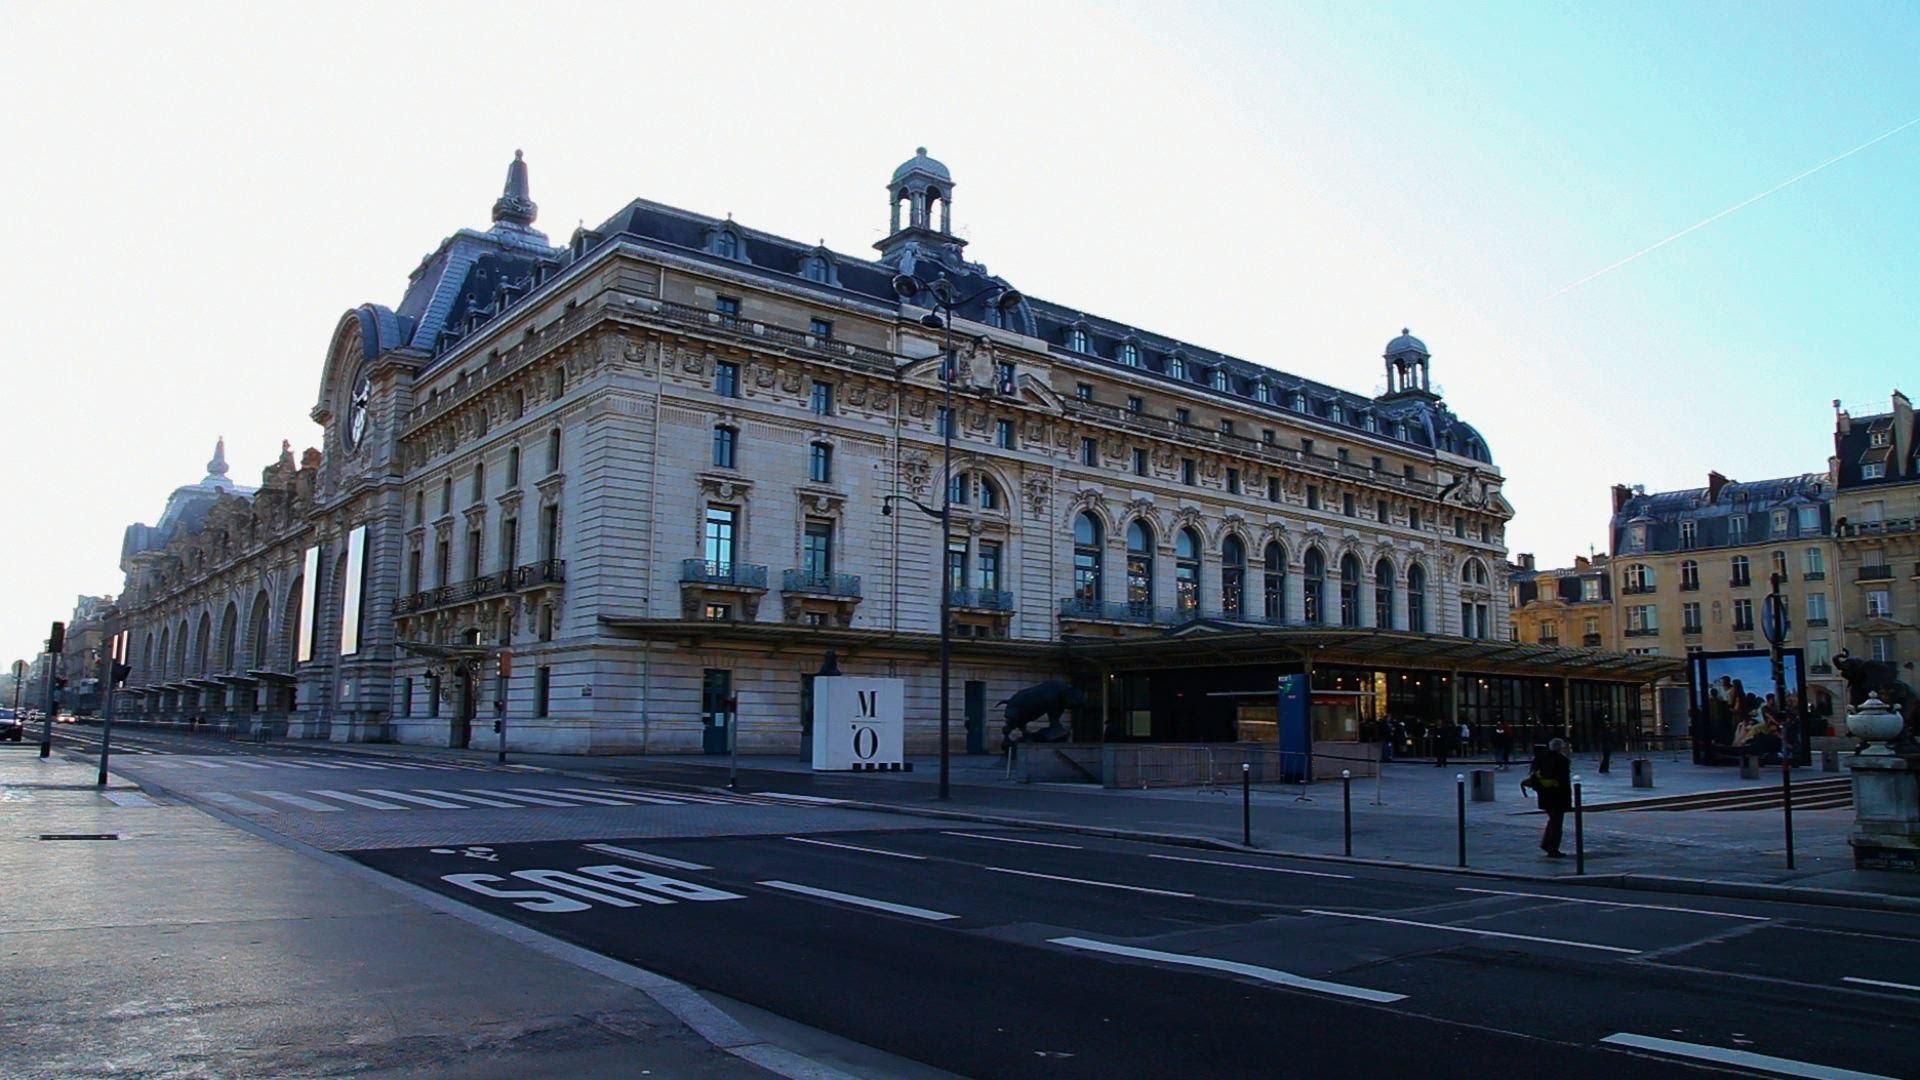 【博物館巡り】フランス、オルセー美術館